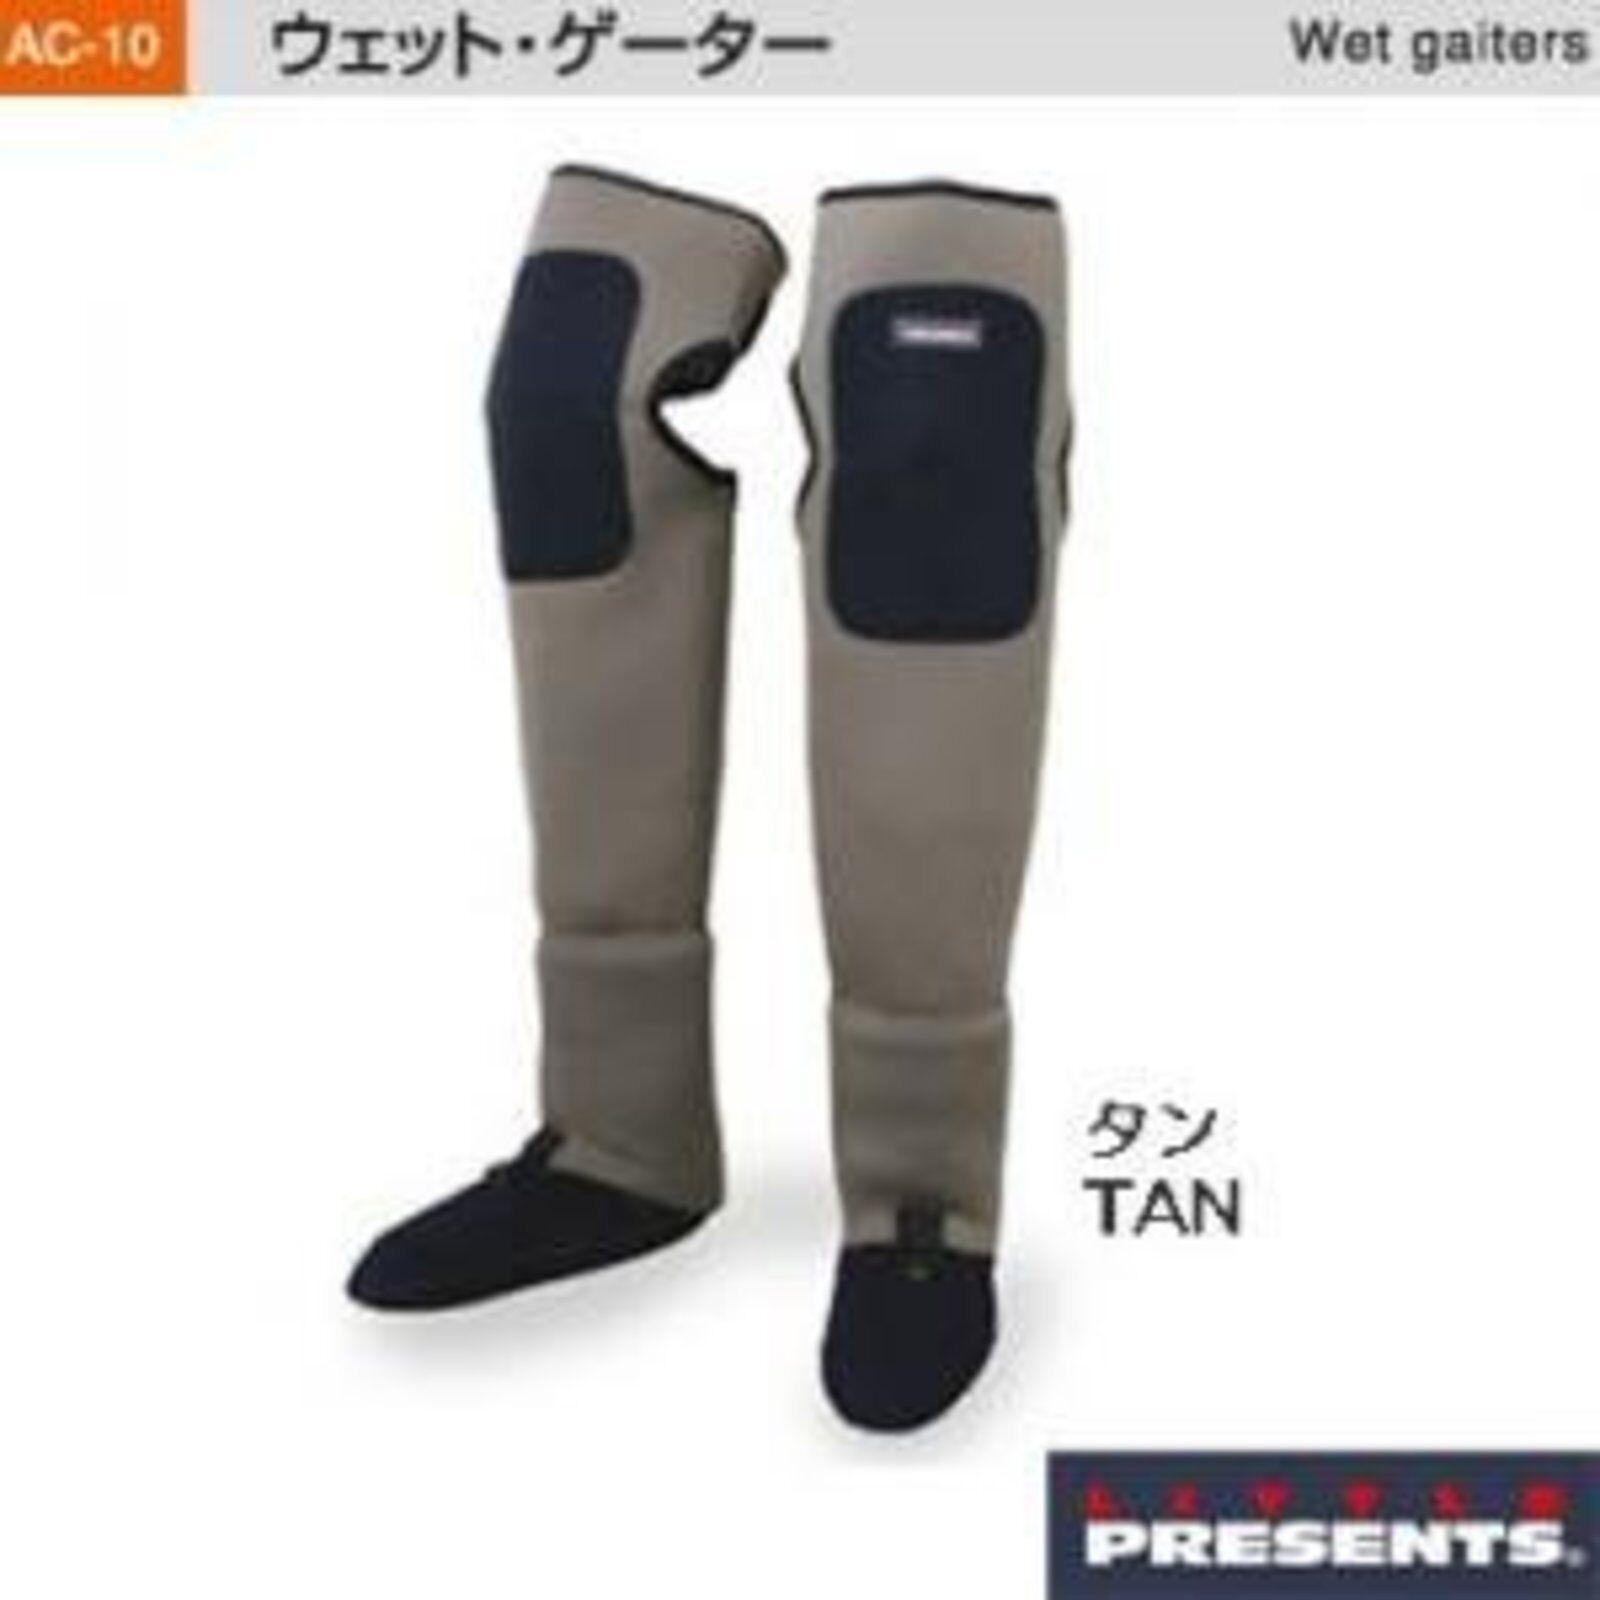 Little Presents Neopreno Polainas Ac-10 Talla  M (25-26cm) Frontal   S W   80% de descuento